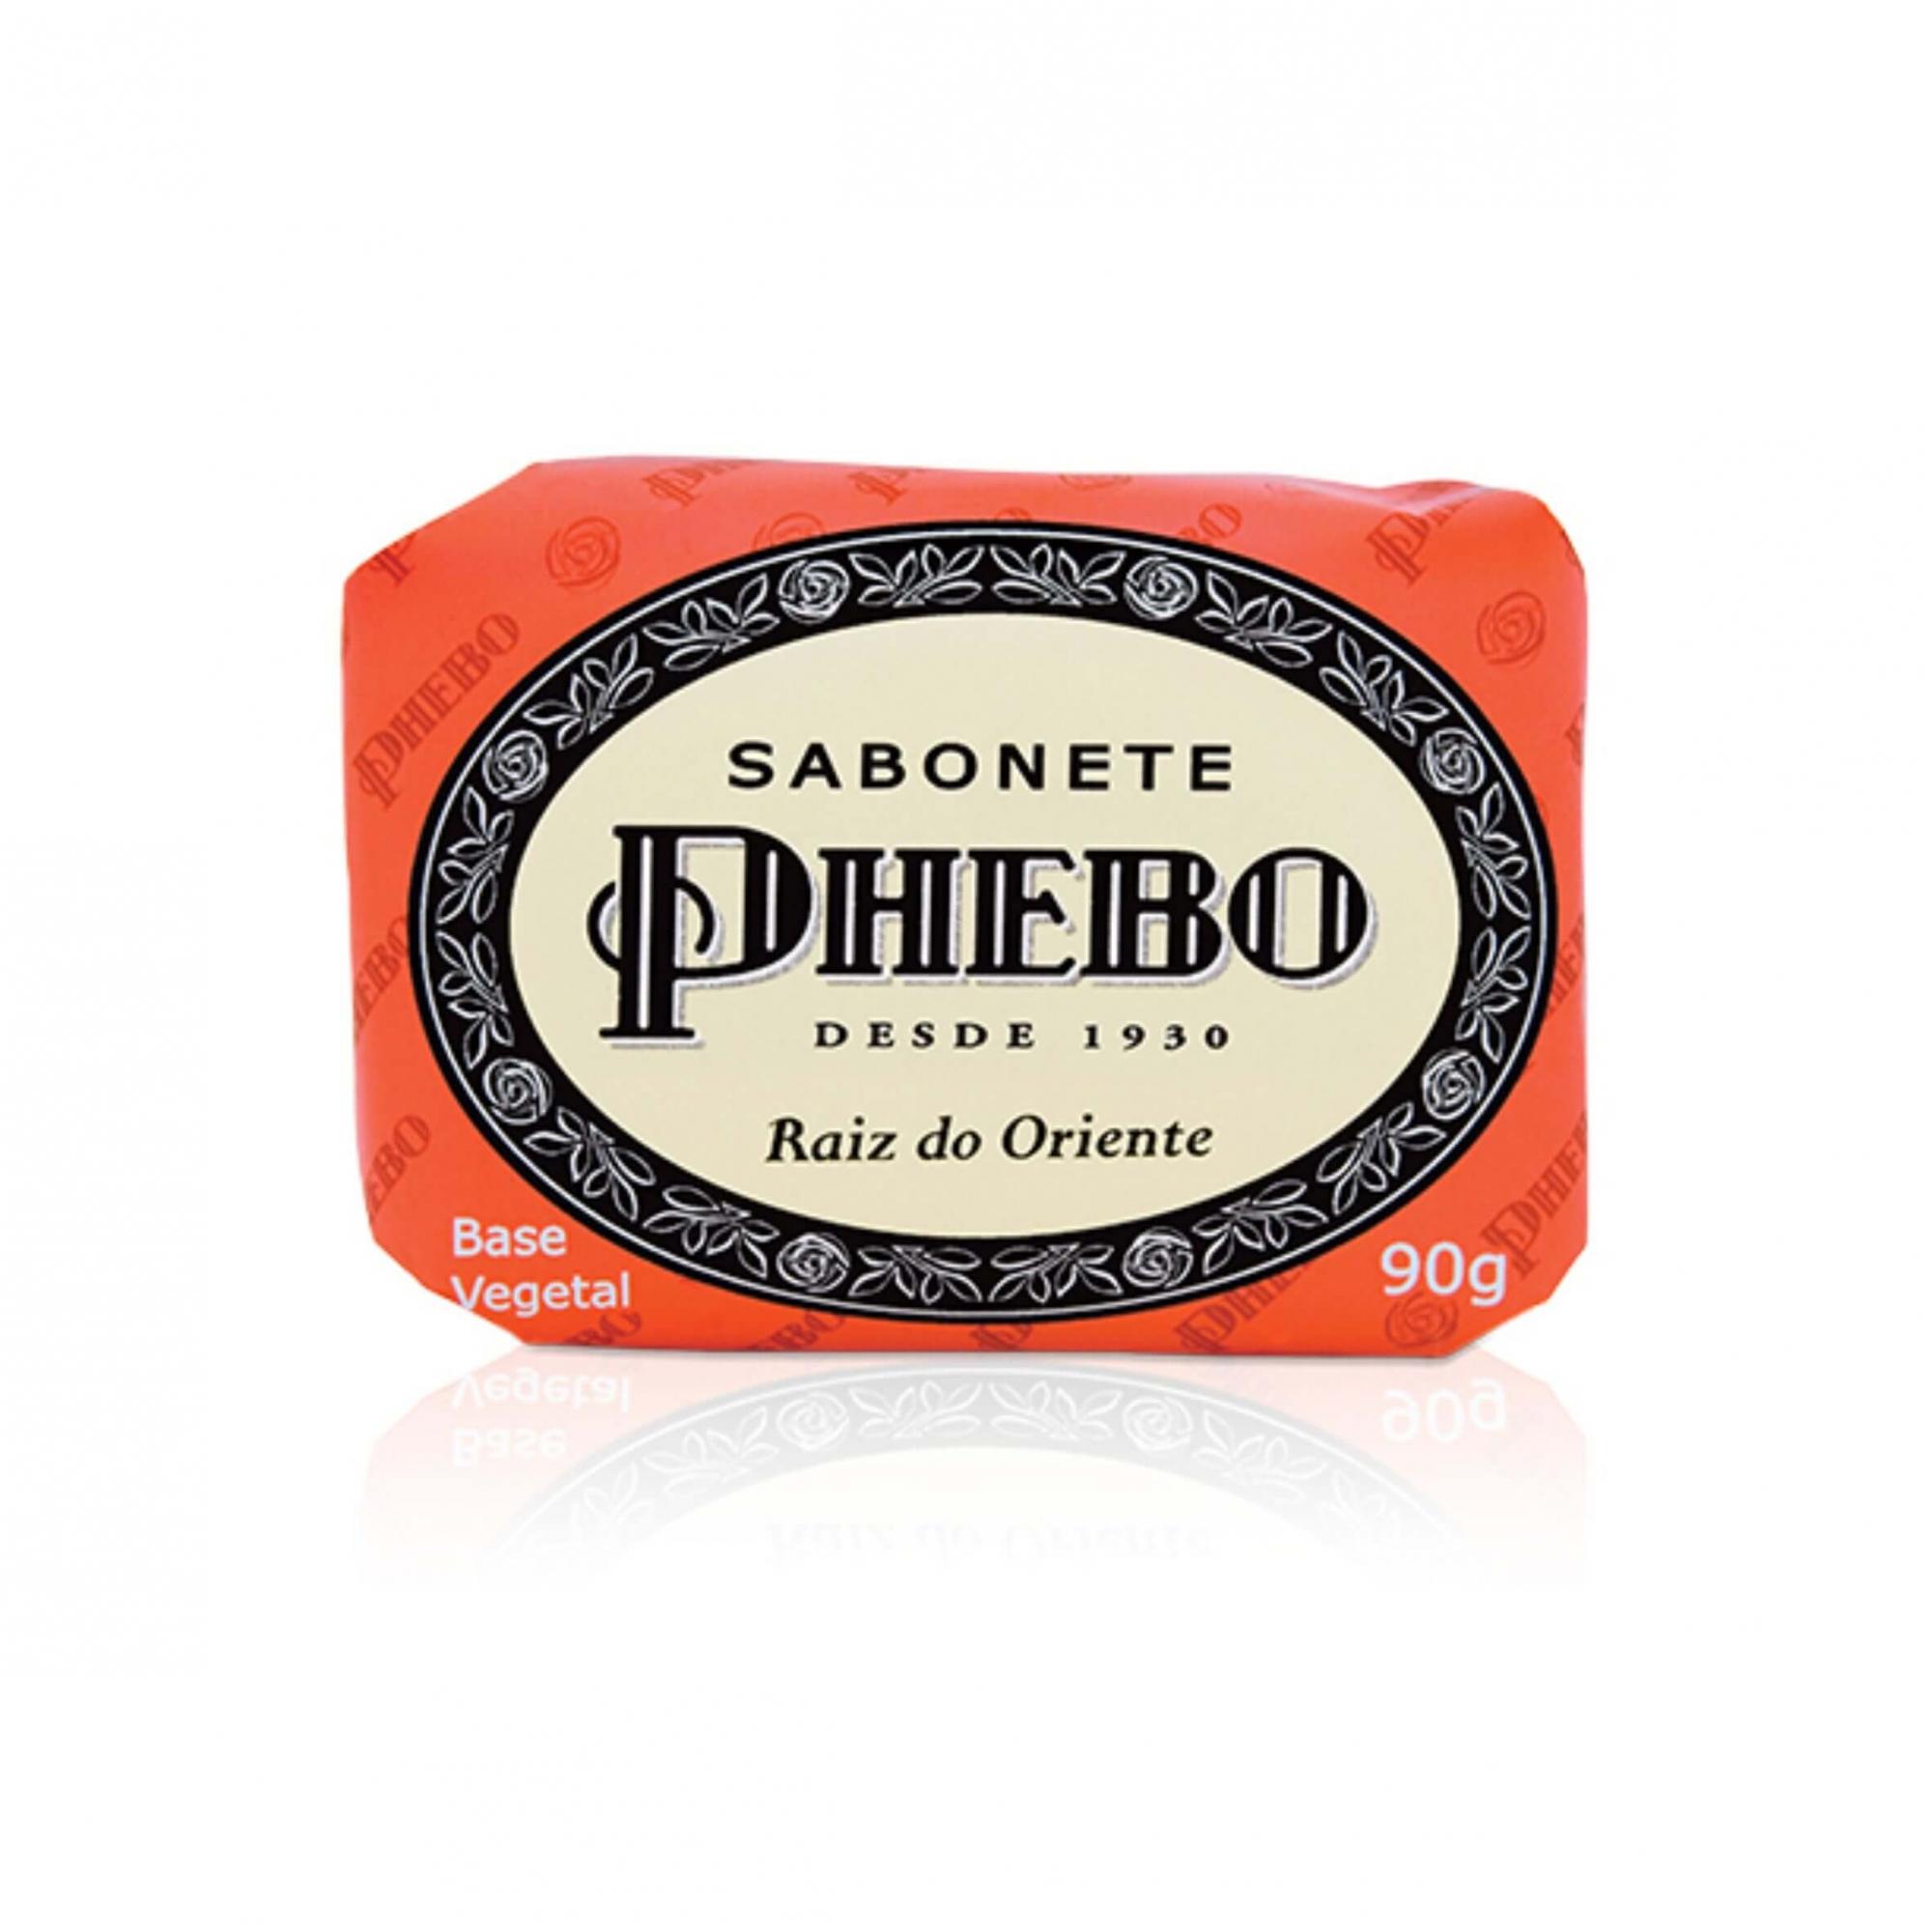 Sabonete Raiz do Oriente - Phebo 90g